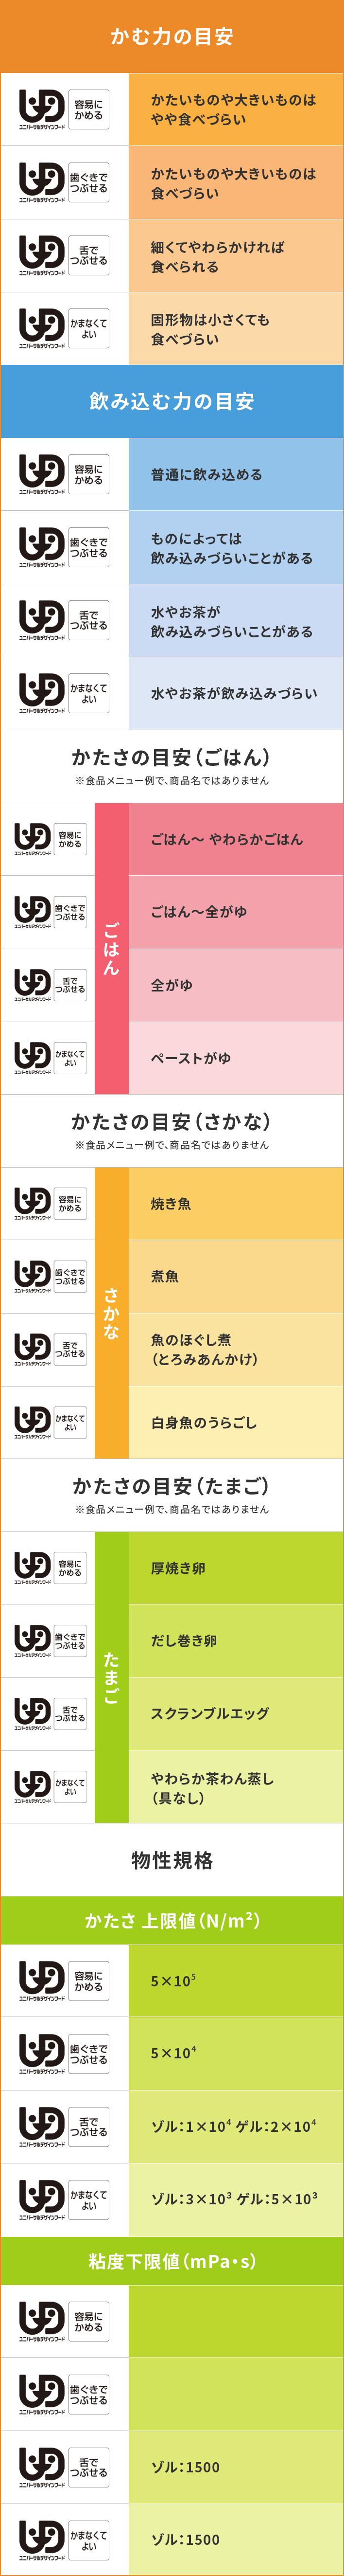 ユニバーサルデザインフード区分表